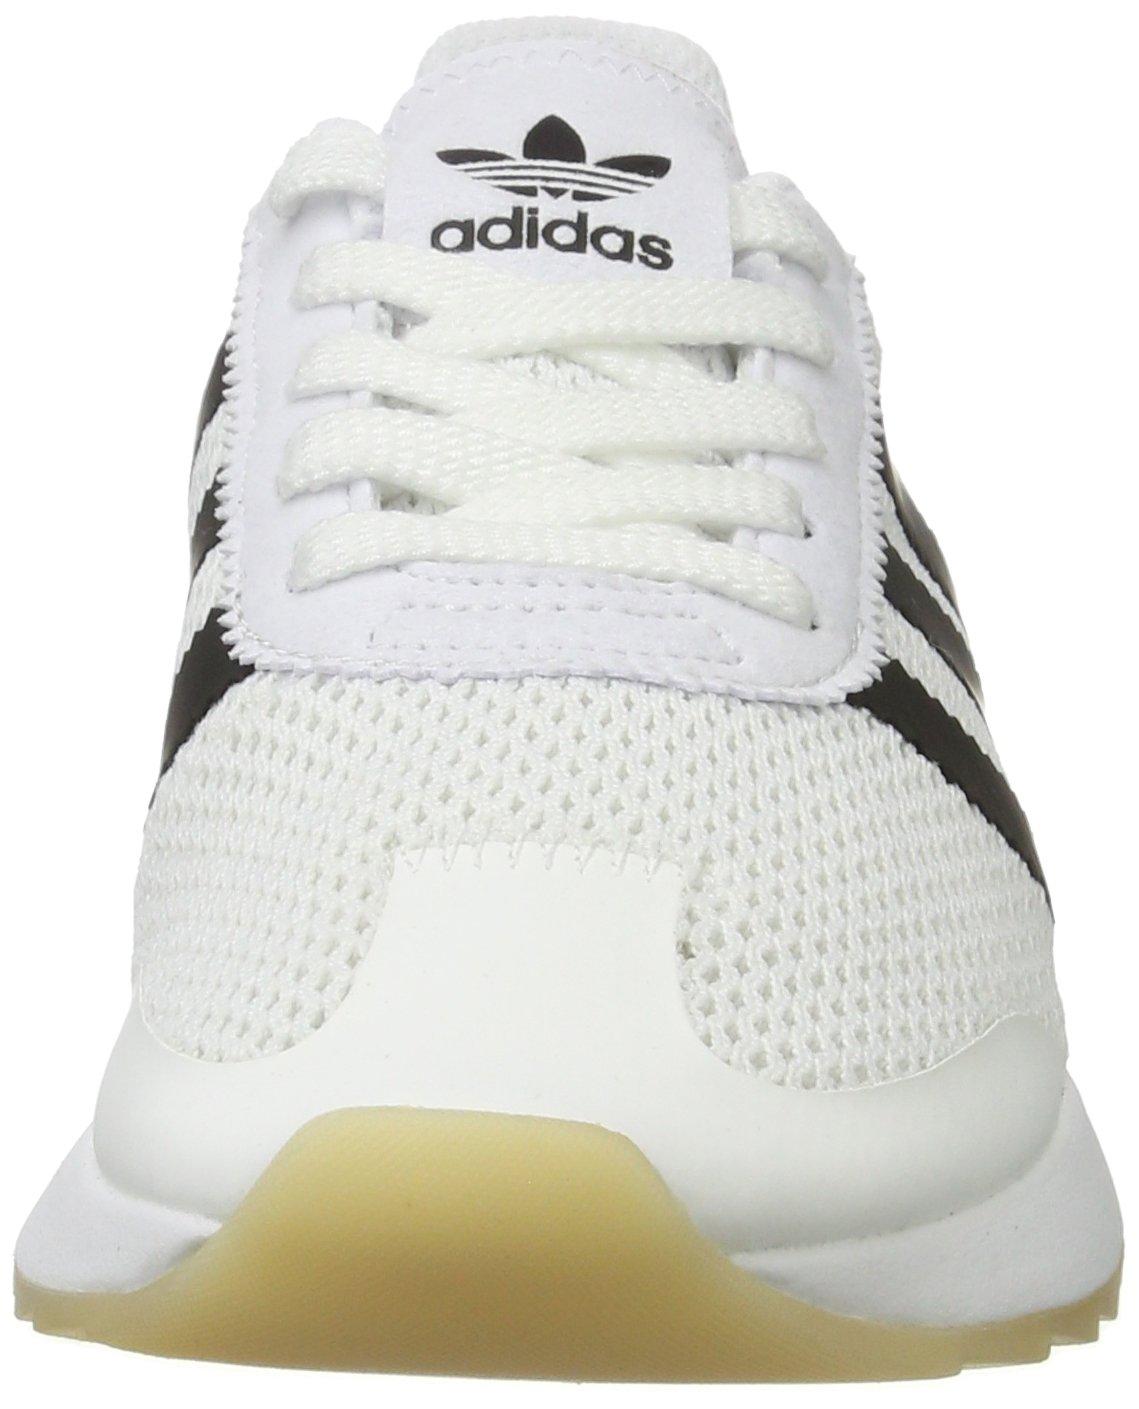 Adidas LFV 1481 W, zapatillas zapatillas adidas de deporte para